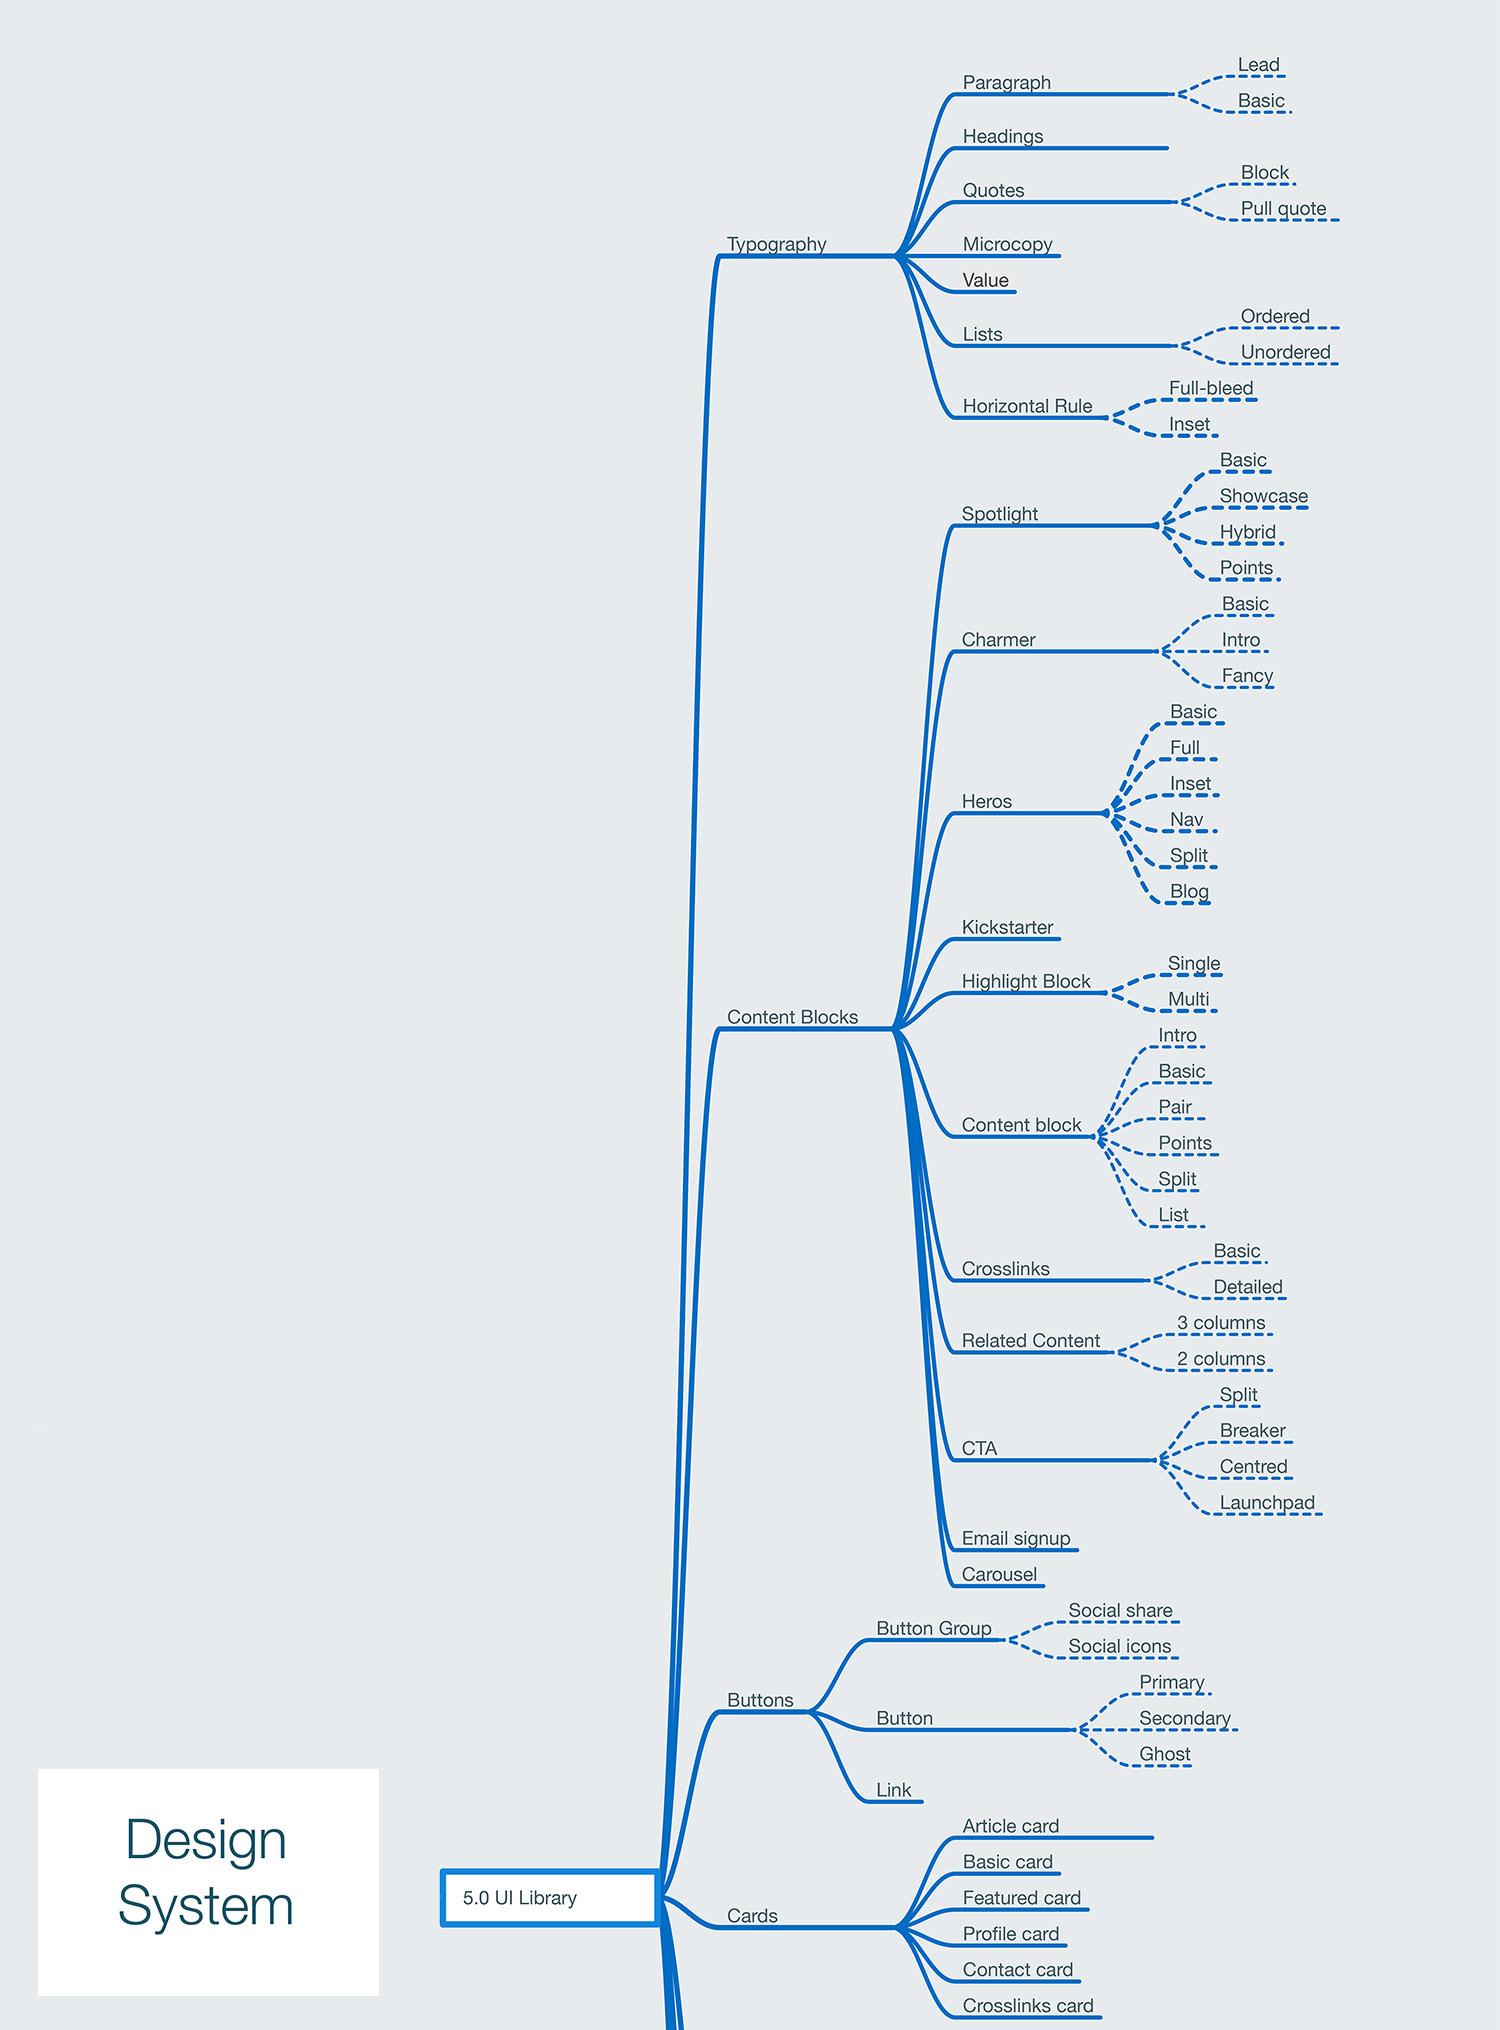 IA - Design System - A.jpg